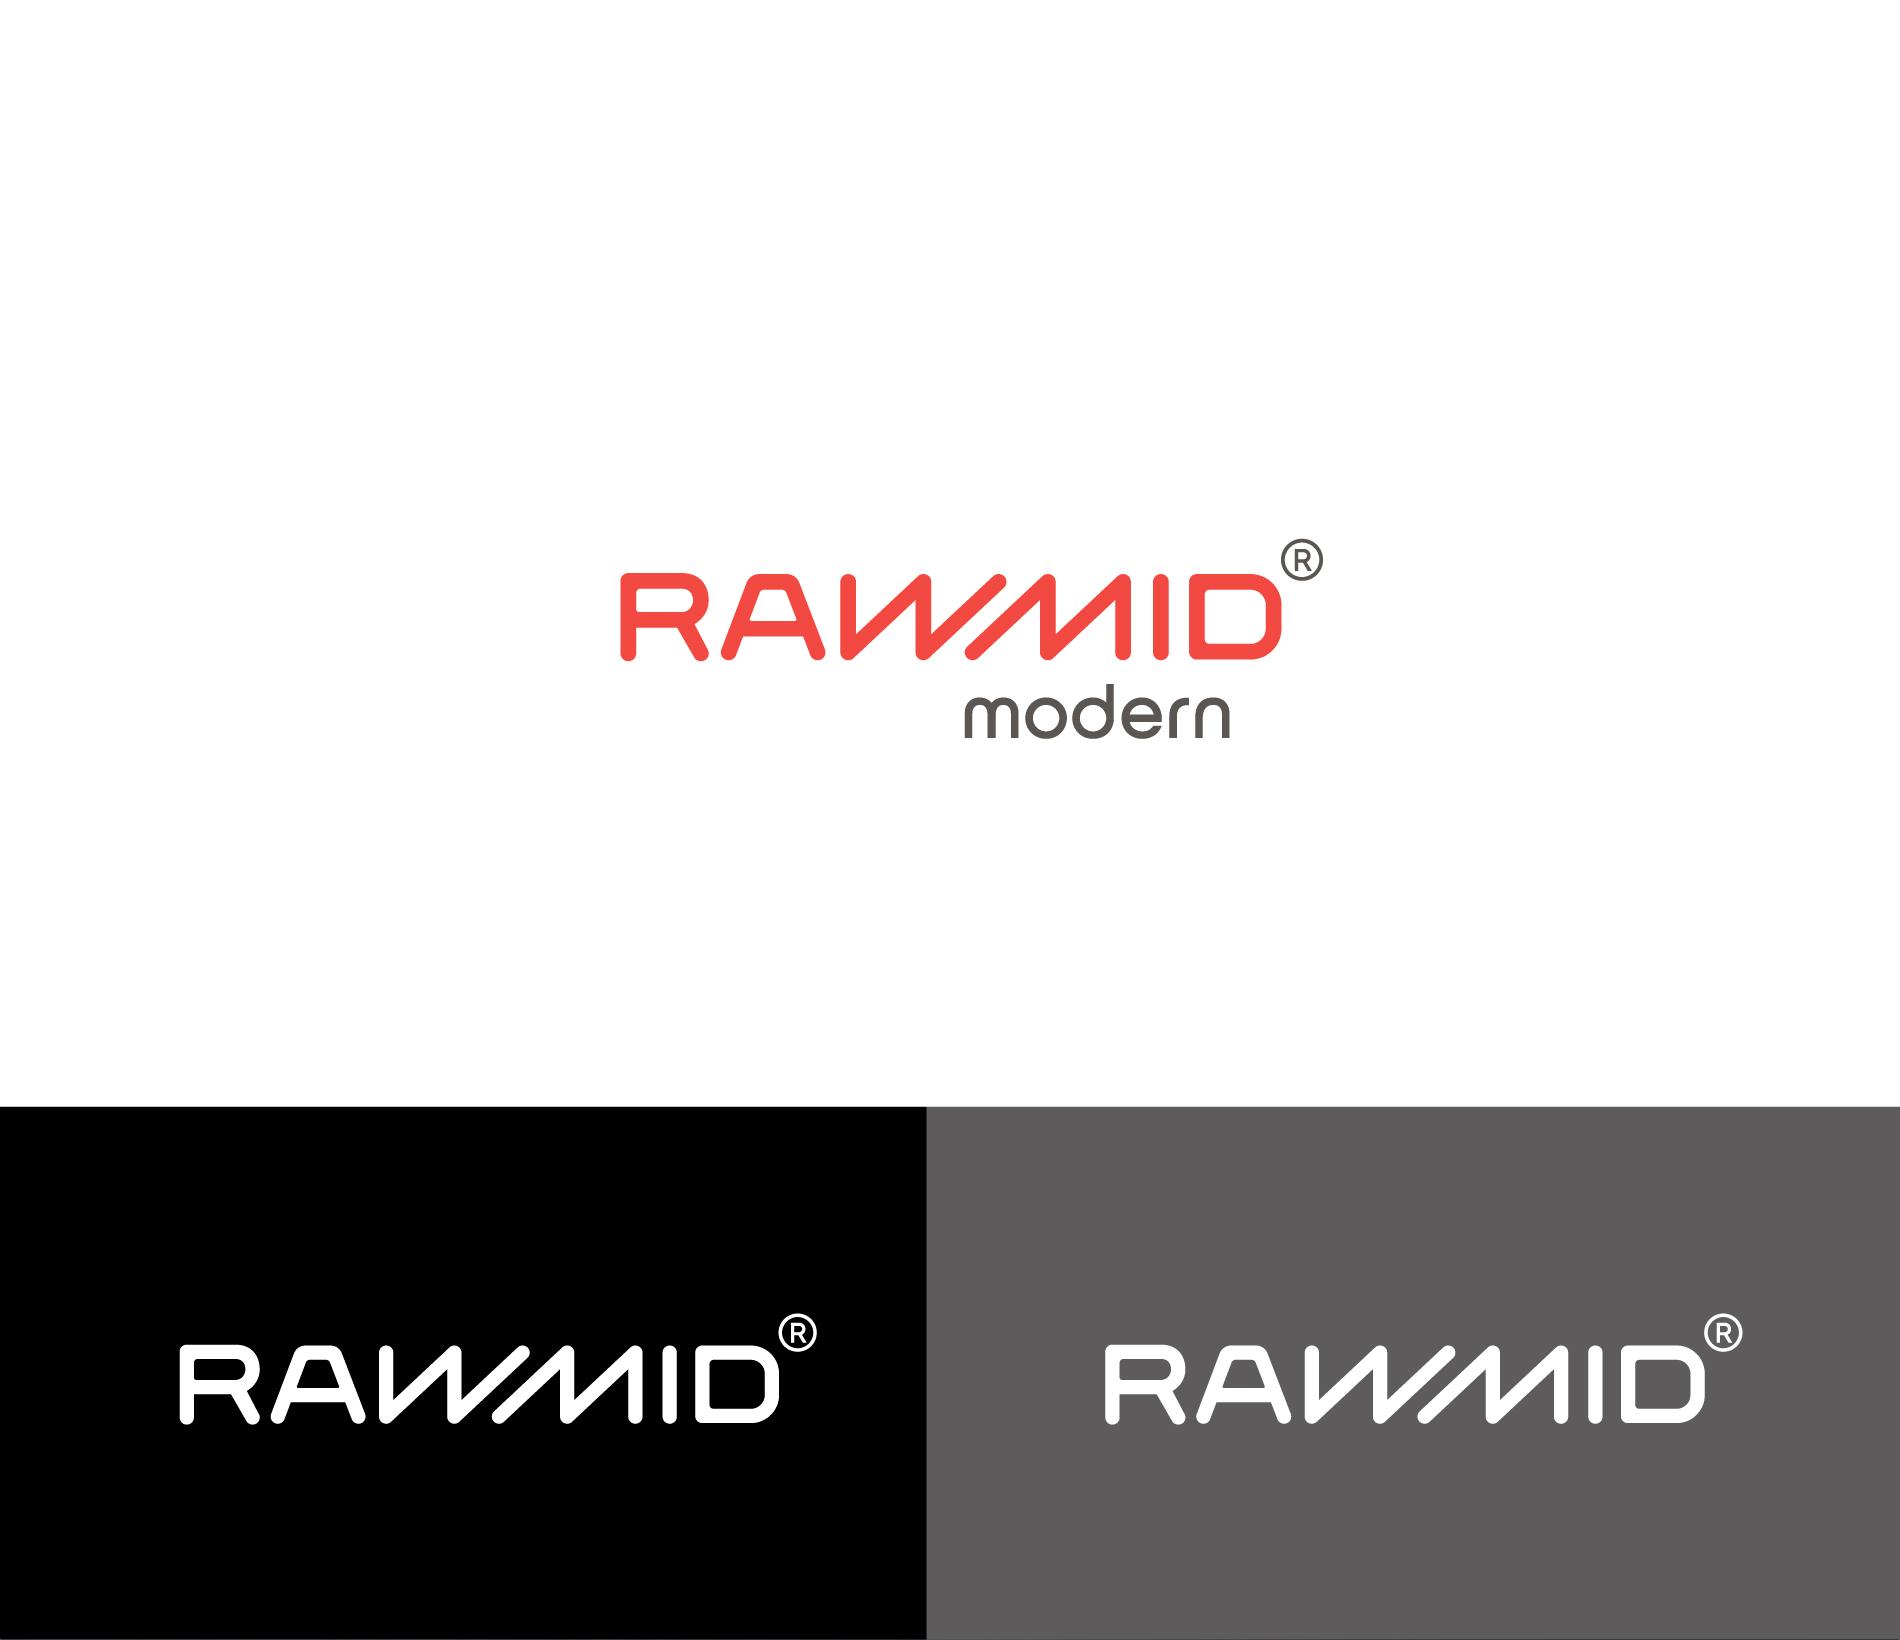 Создать логотип (буквенная часть) для бренда бытовой техники фото f_8615b36090811633.jpg